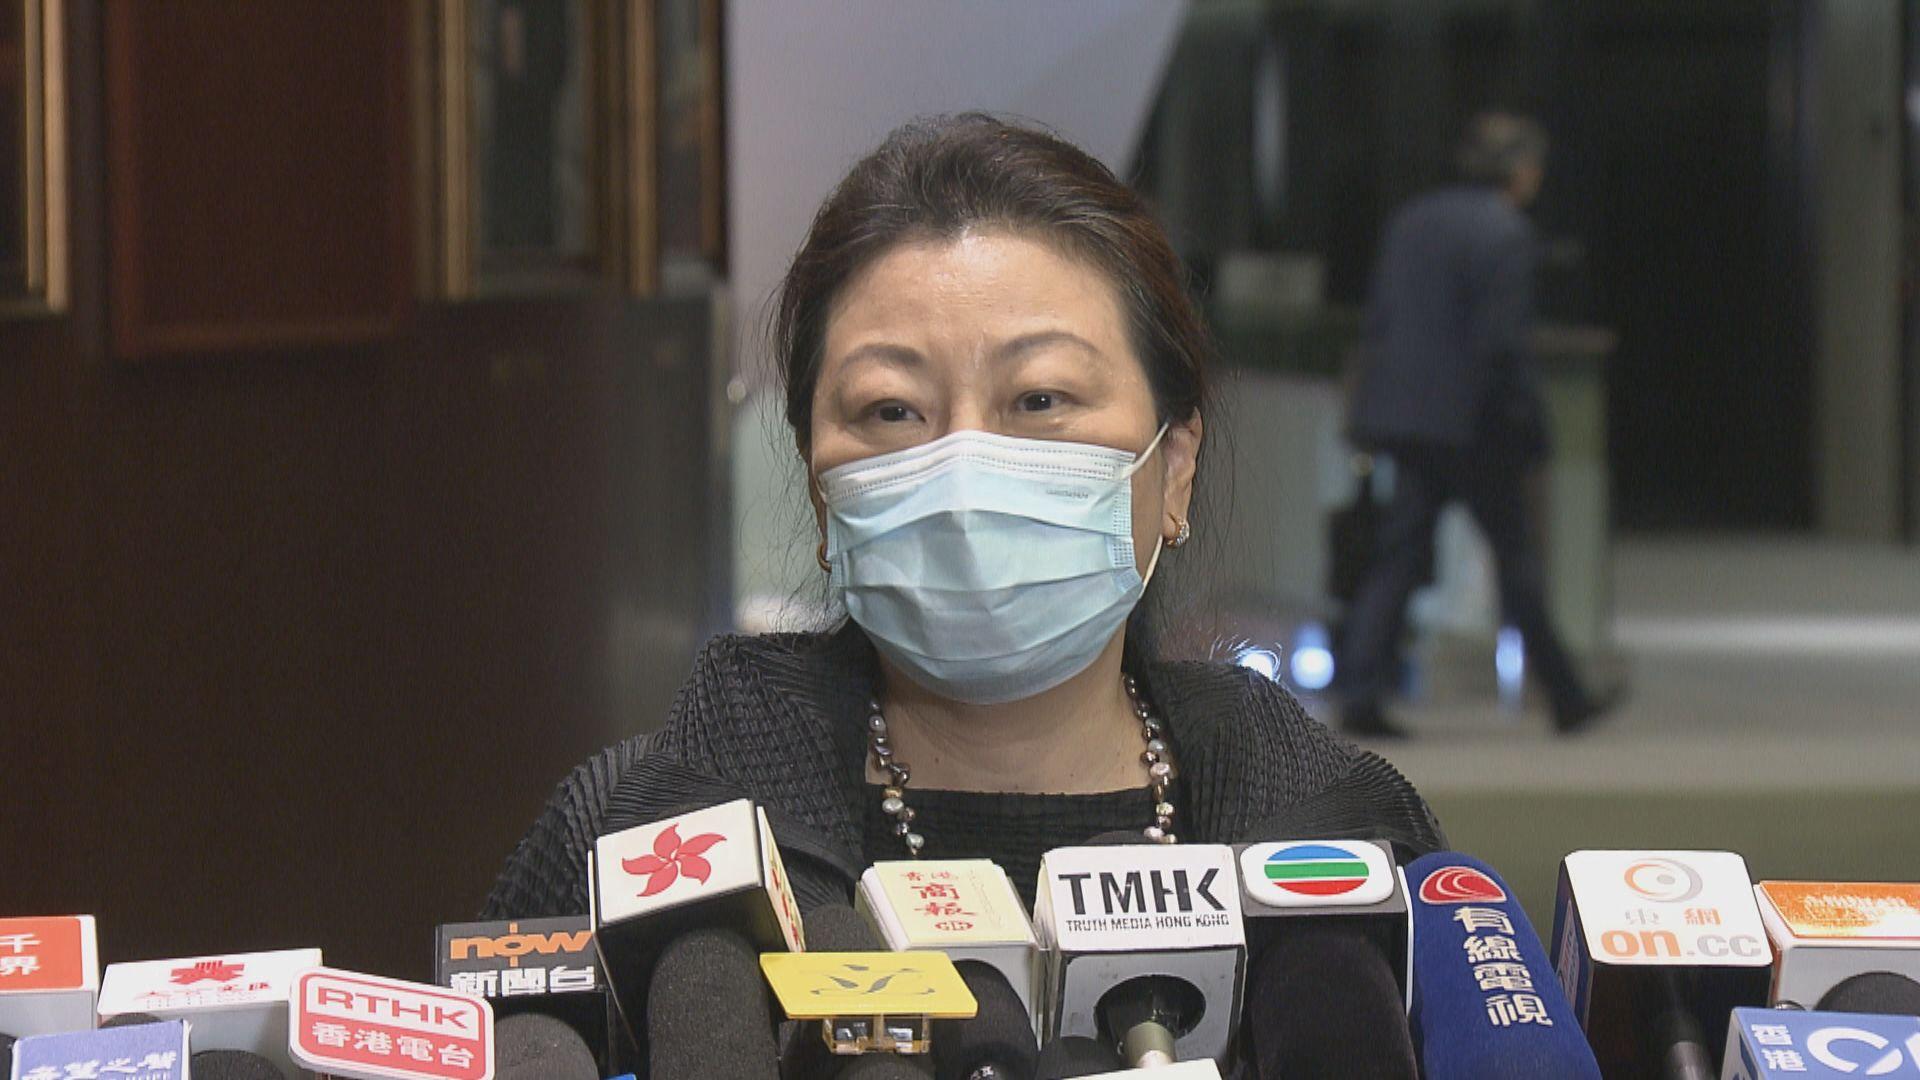 鄭若驊:可評論法庭裁決 但不應涉人身攻擊